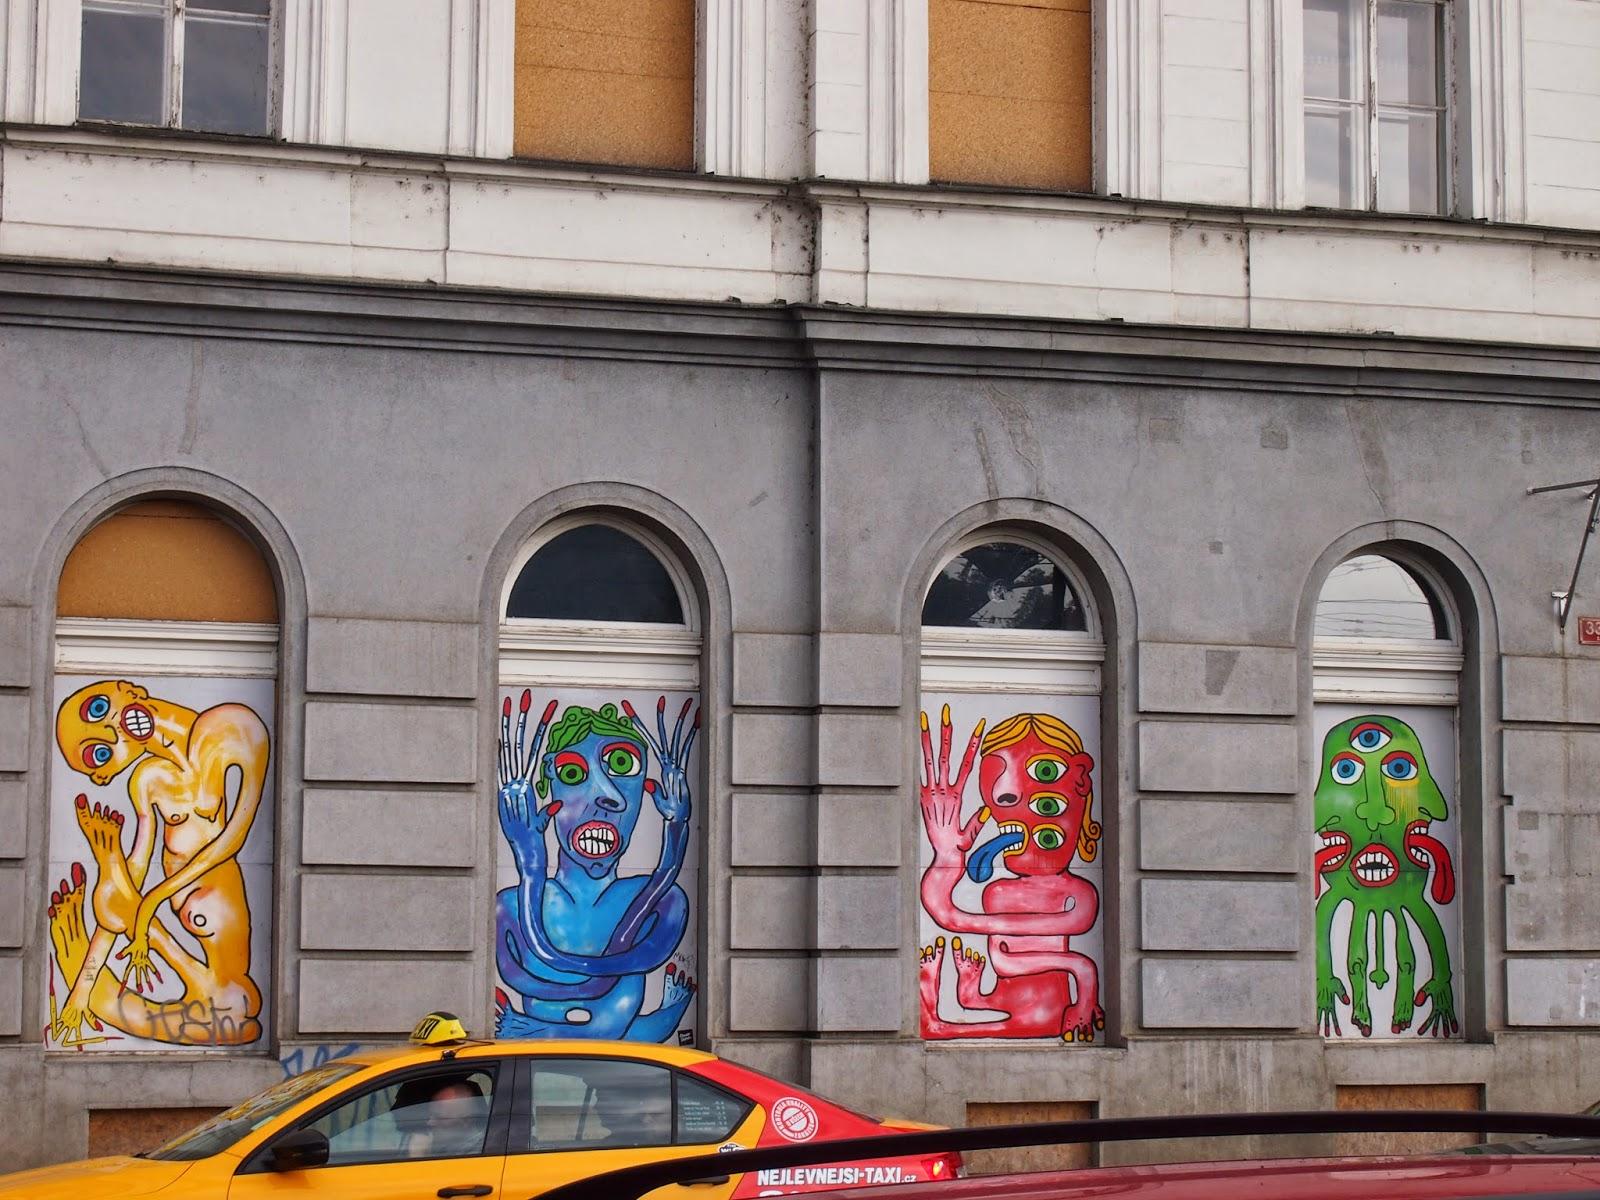 Monster Street art in Prague